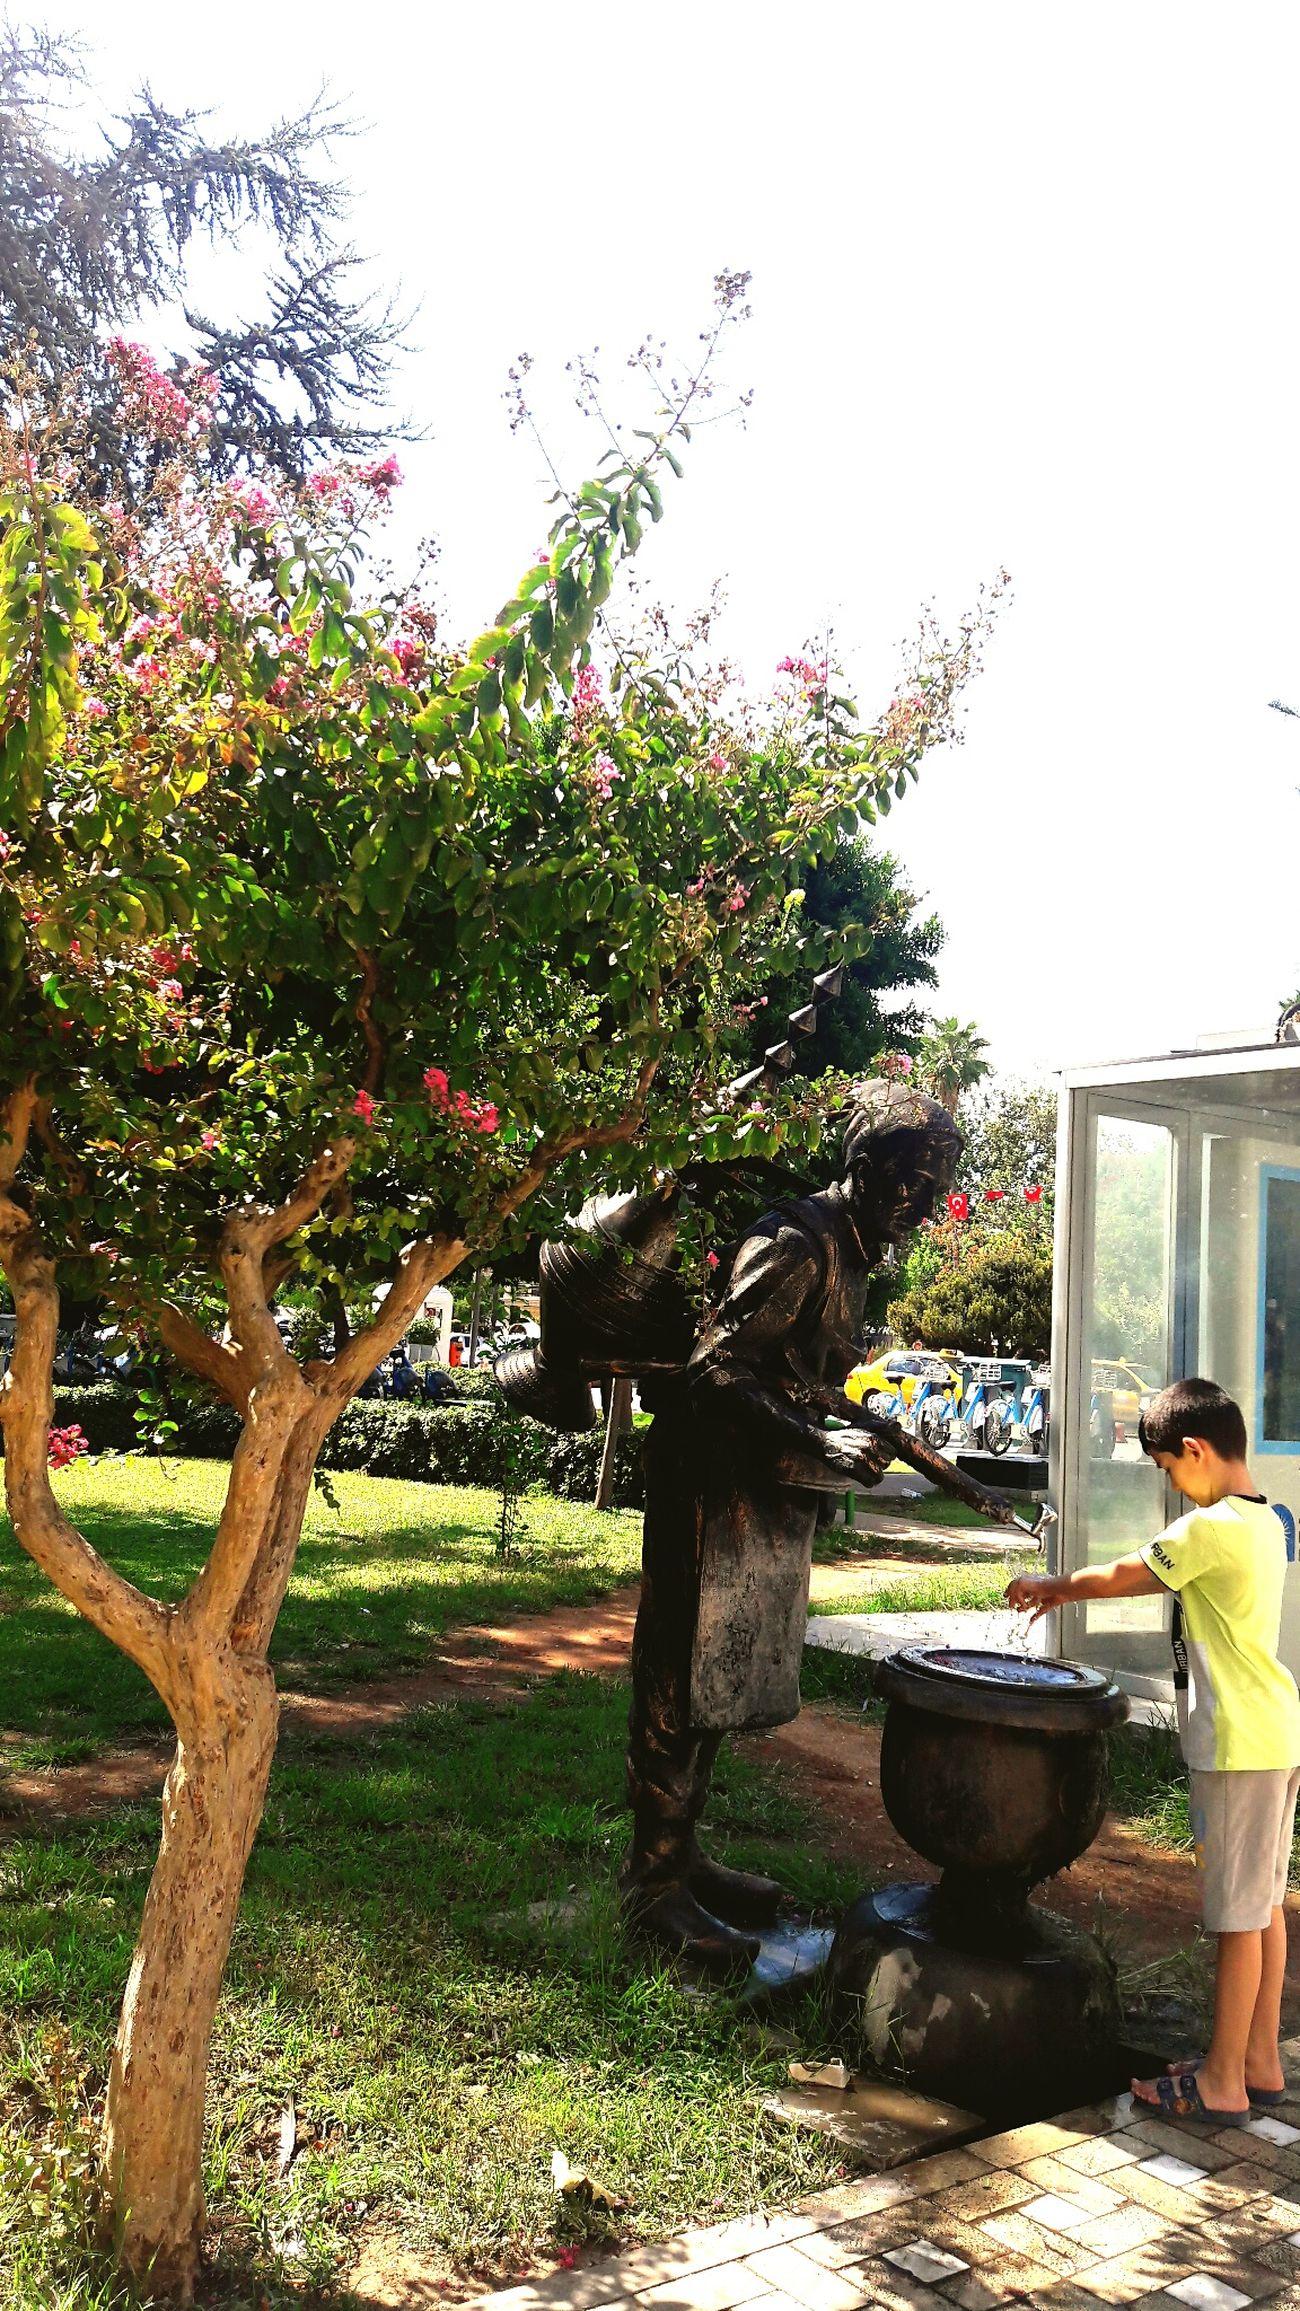 Tree Only Men One Man Only Citycenter Lara Stil Tarz Tasarım Sehirheykelleri Antalya Sucu Heykeli çesmesuyu Sehirmerkezi Kareler Sıcak Bir Gün Exploring Style